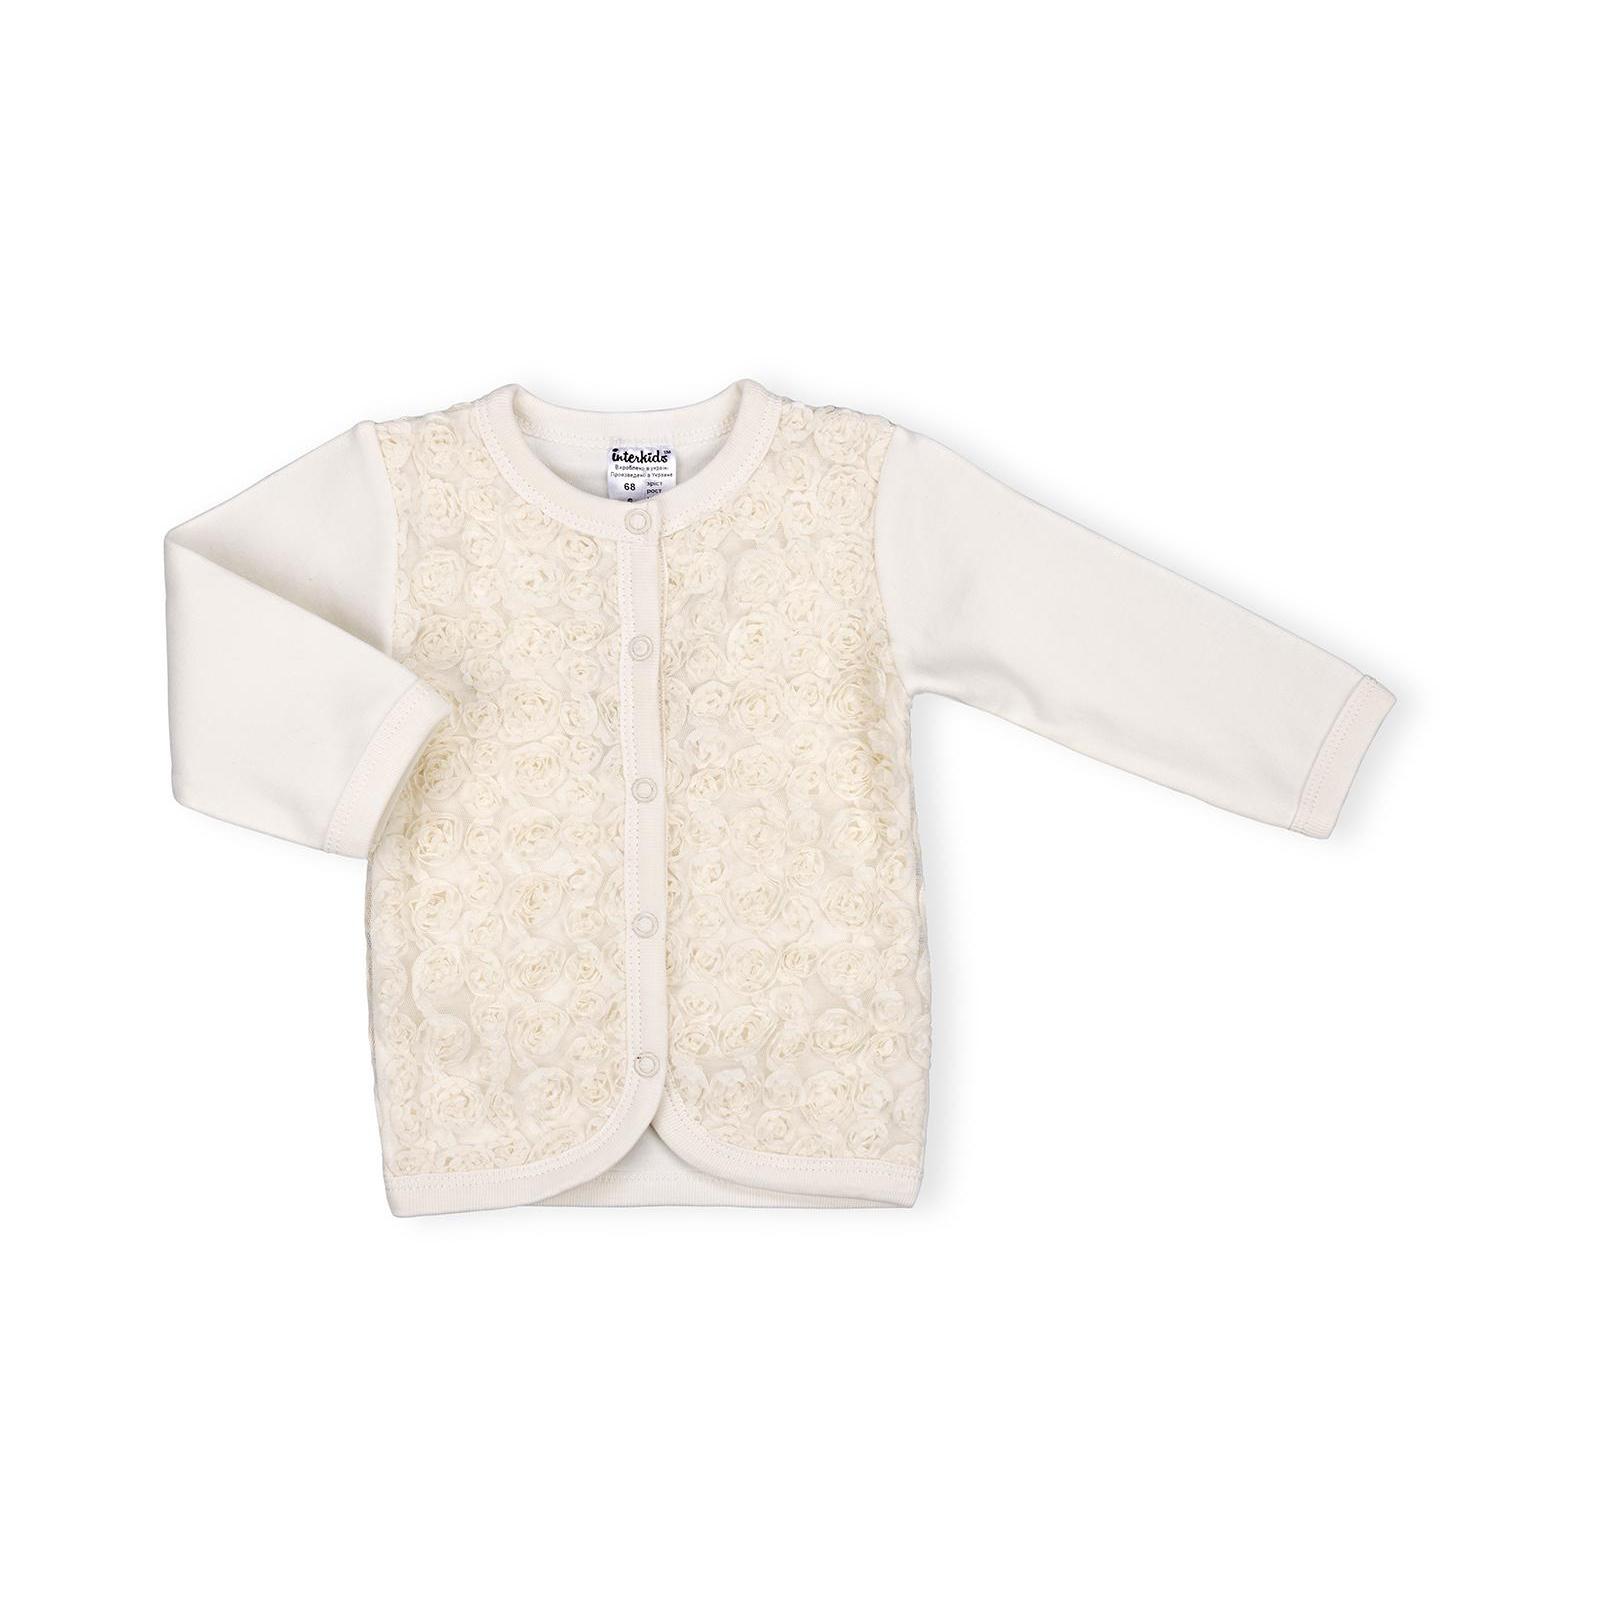 Набор детской одежды Интеркидс с розочками (2364-74G-beige) изображение 2